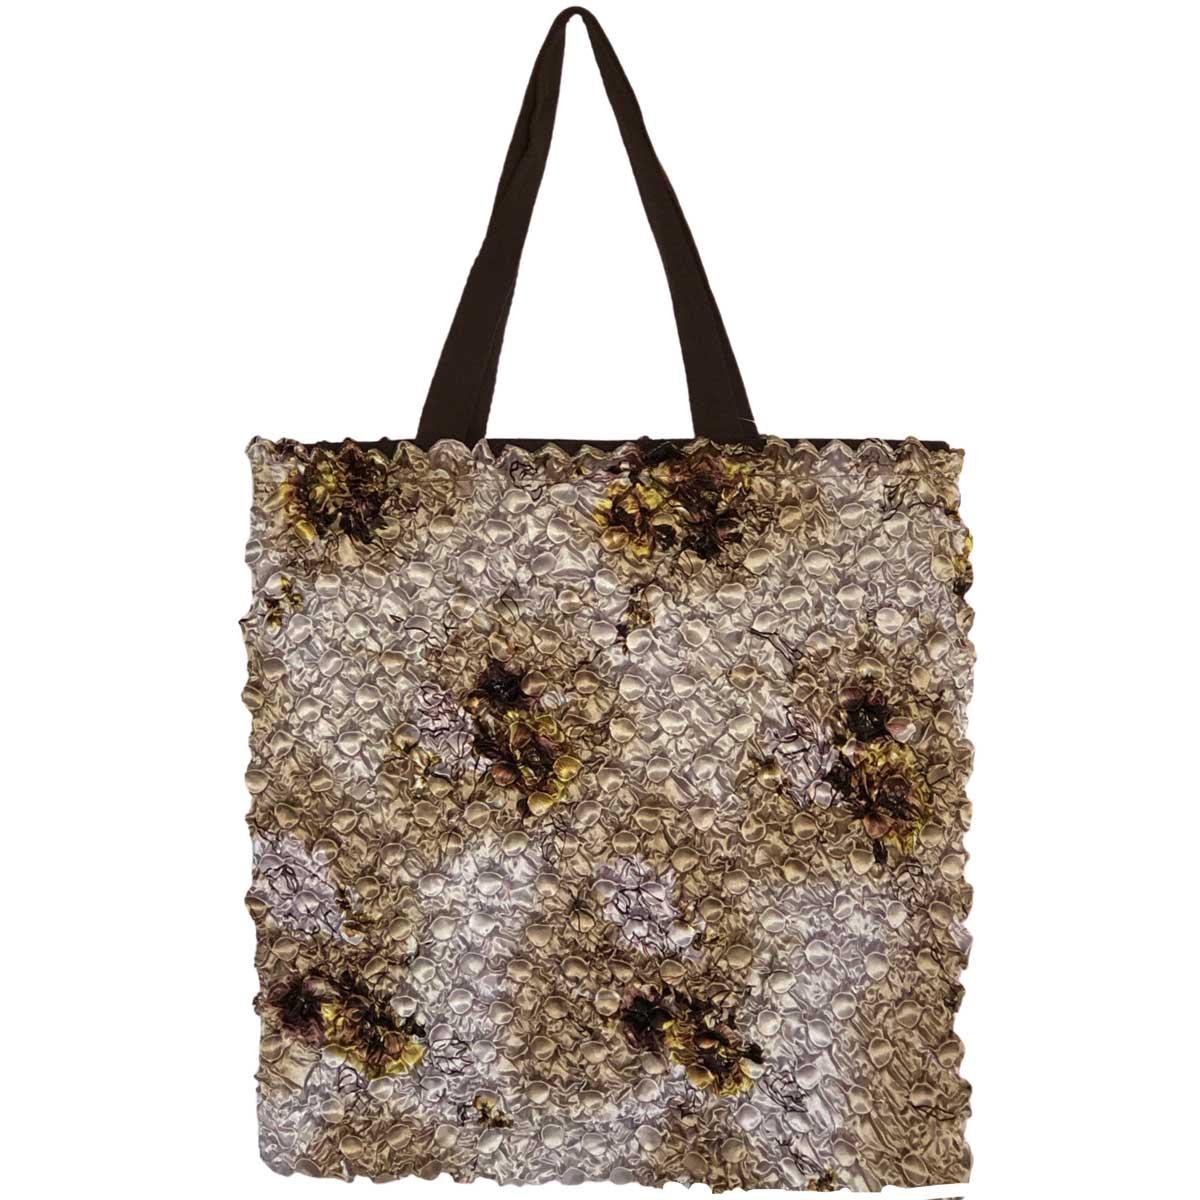 Artful Tote Bags  - #27 Beige Floral